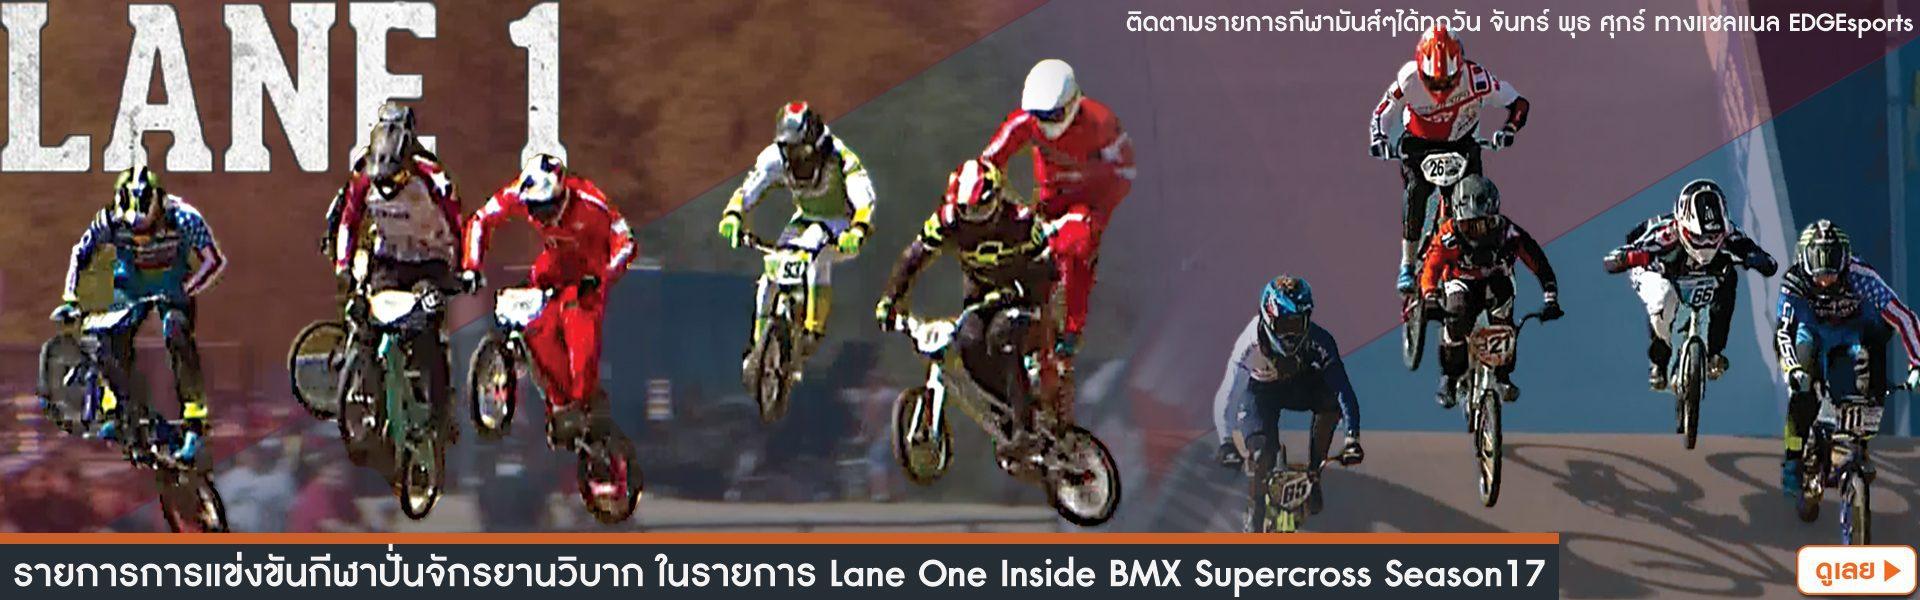 รายการ Lane One Inside BMX Supercross Season 17   การแข่งขัน ปั่นจักยานวิบาก EP.3